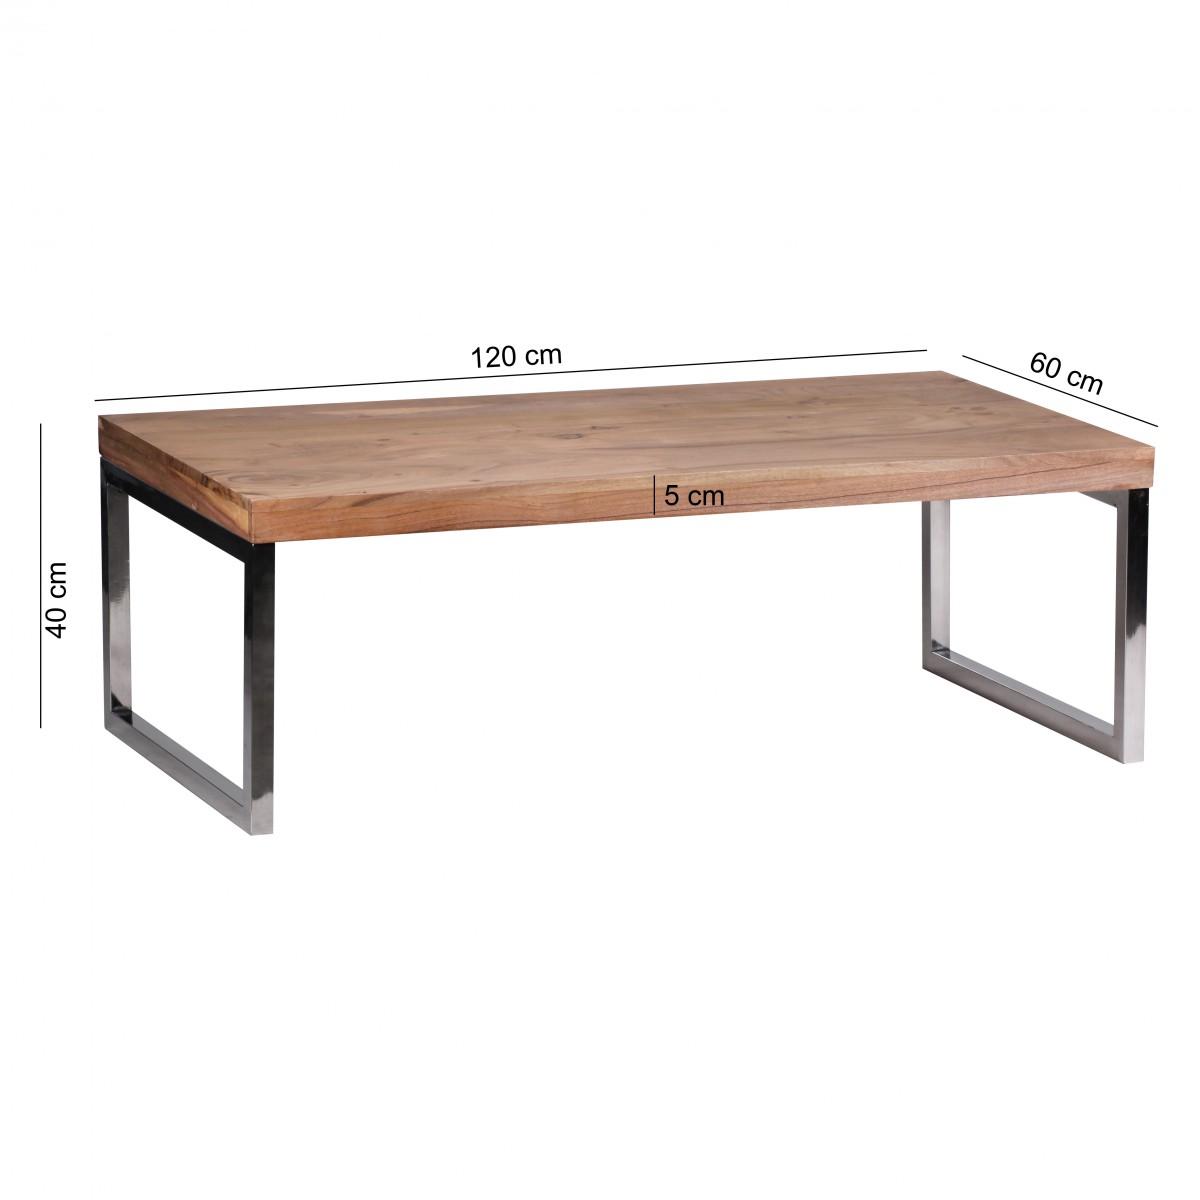 wohnling couchtisch massiv holz akazie 120 cm breit wohnzimmer tisch design dunkel braun. Black Bedroom Furniture Sets. Home Design Ideas